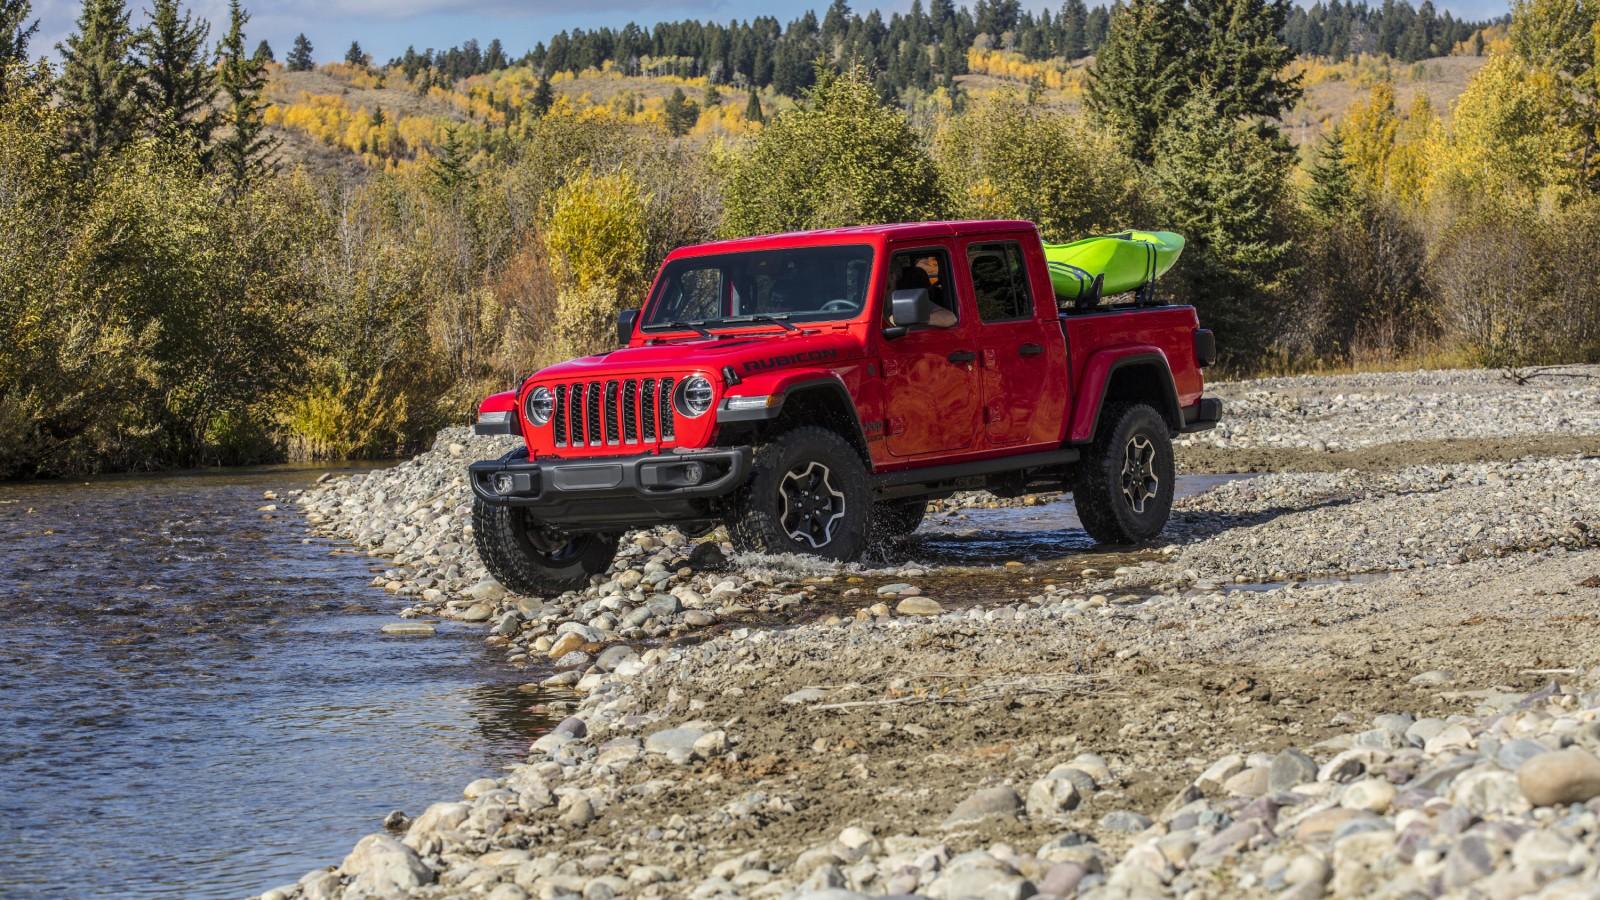 2020 Jeep Gladiator Rubicon 2 Wallpaper | HD Car ...